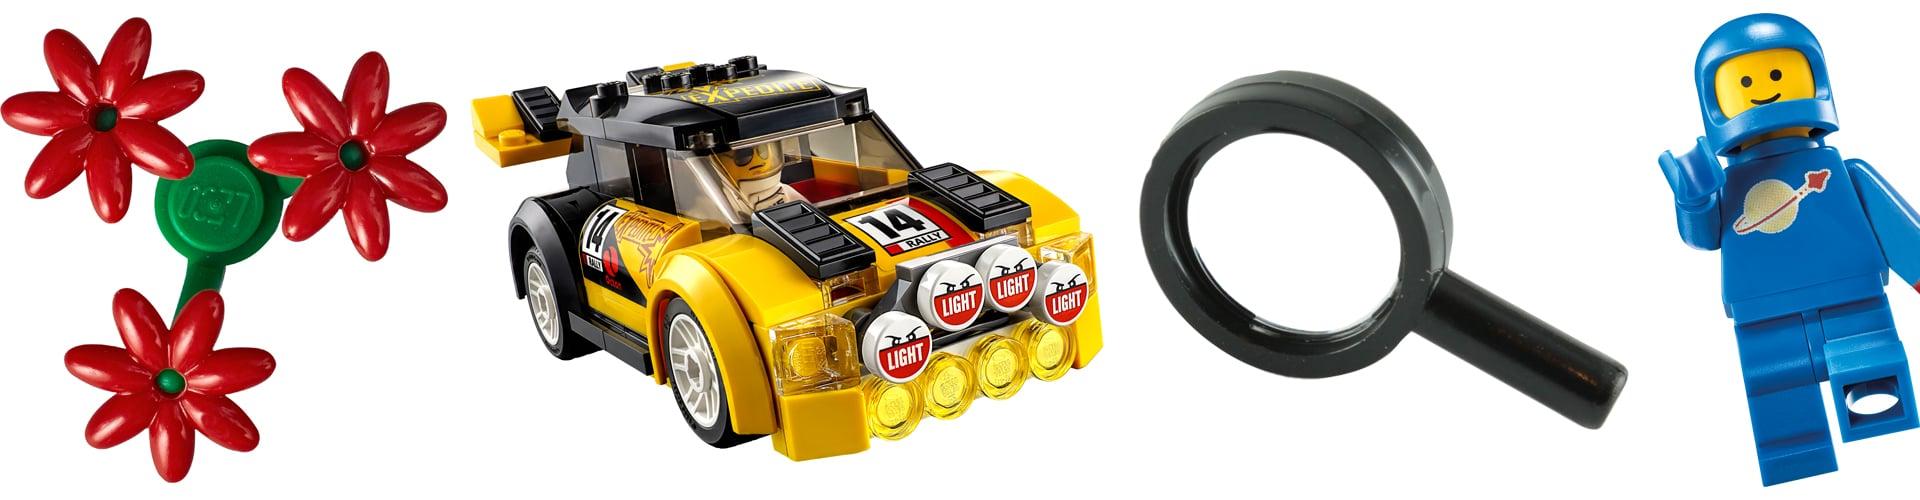 LEGO-–-Echt-alles-wat-je-zou-moeten-weten_Simon-Hugo